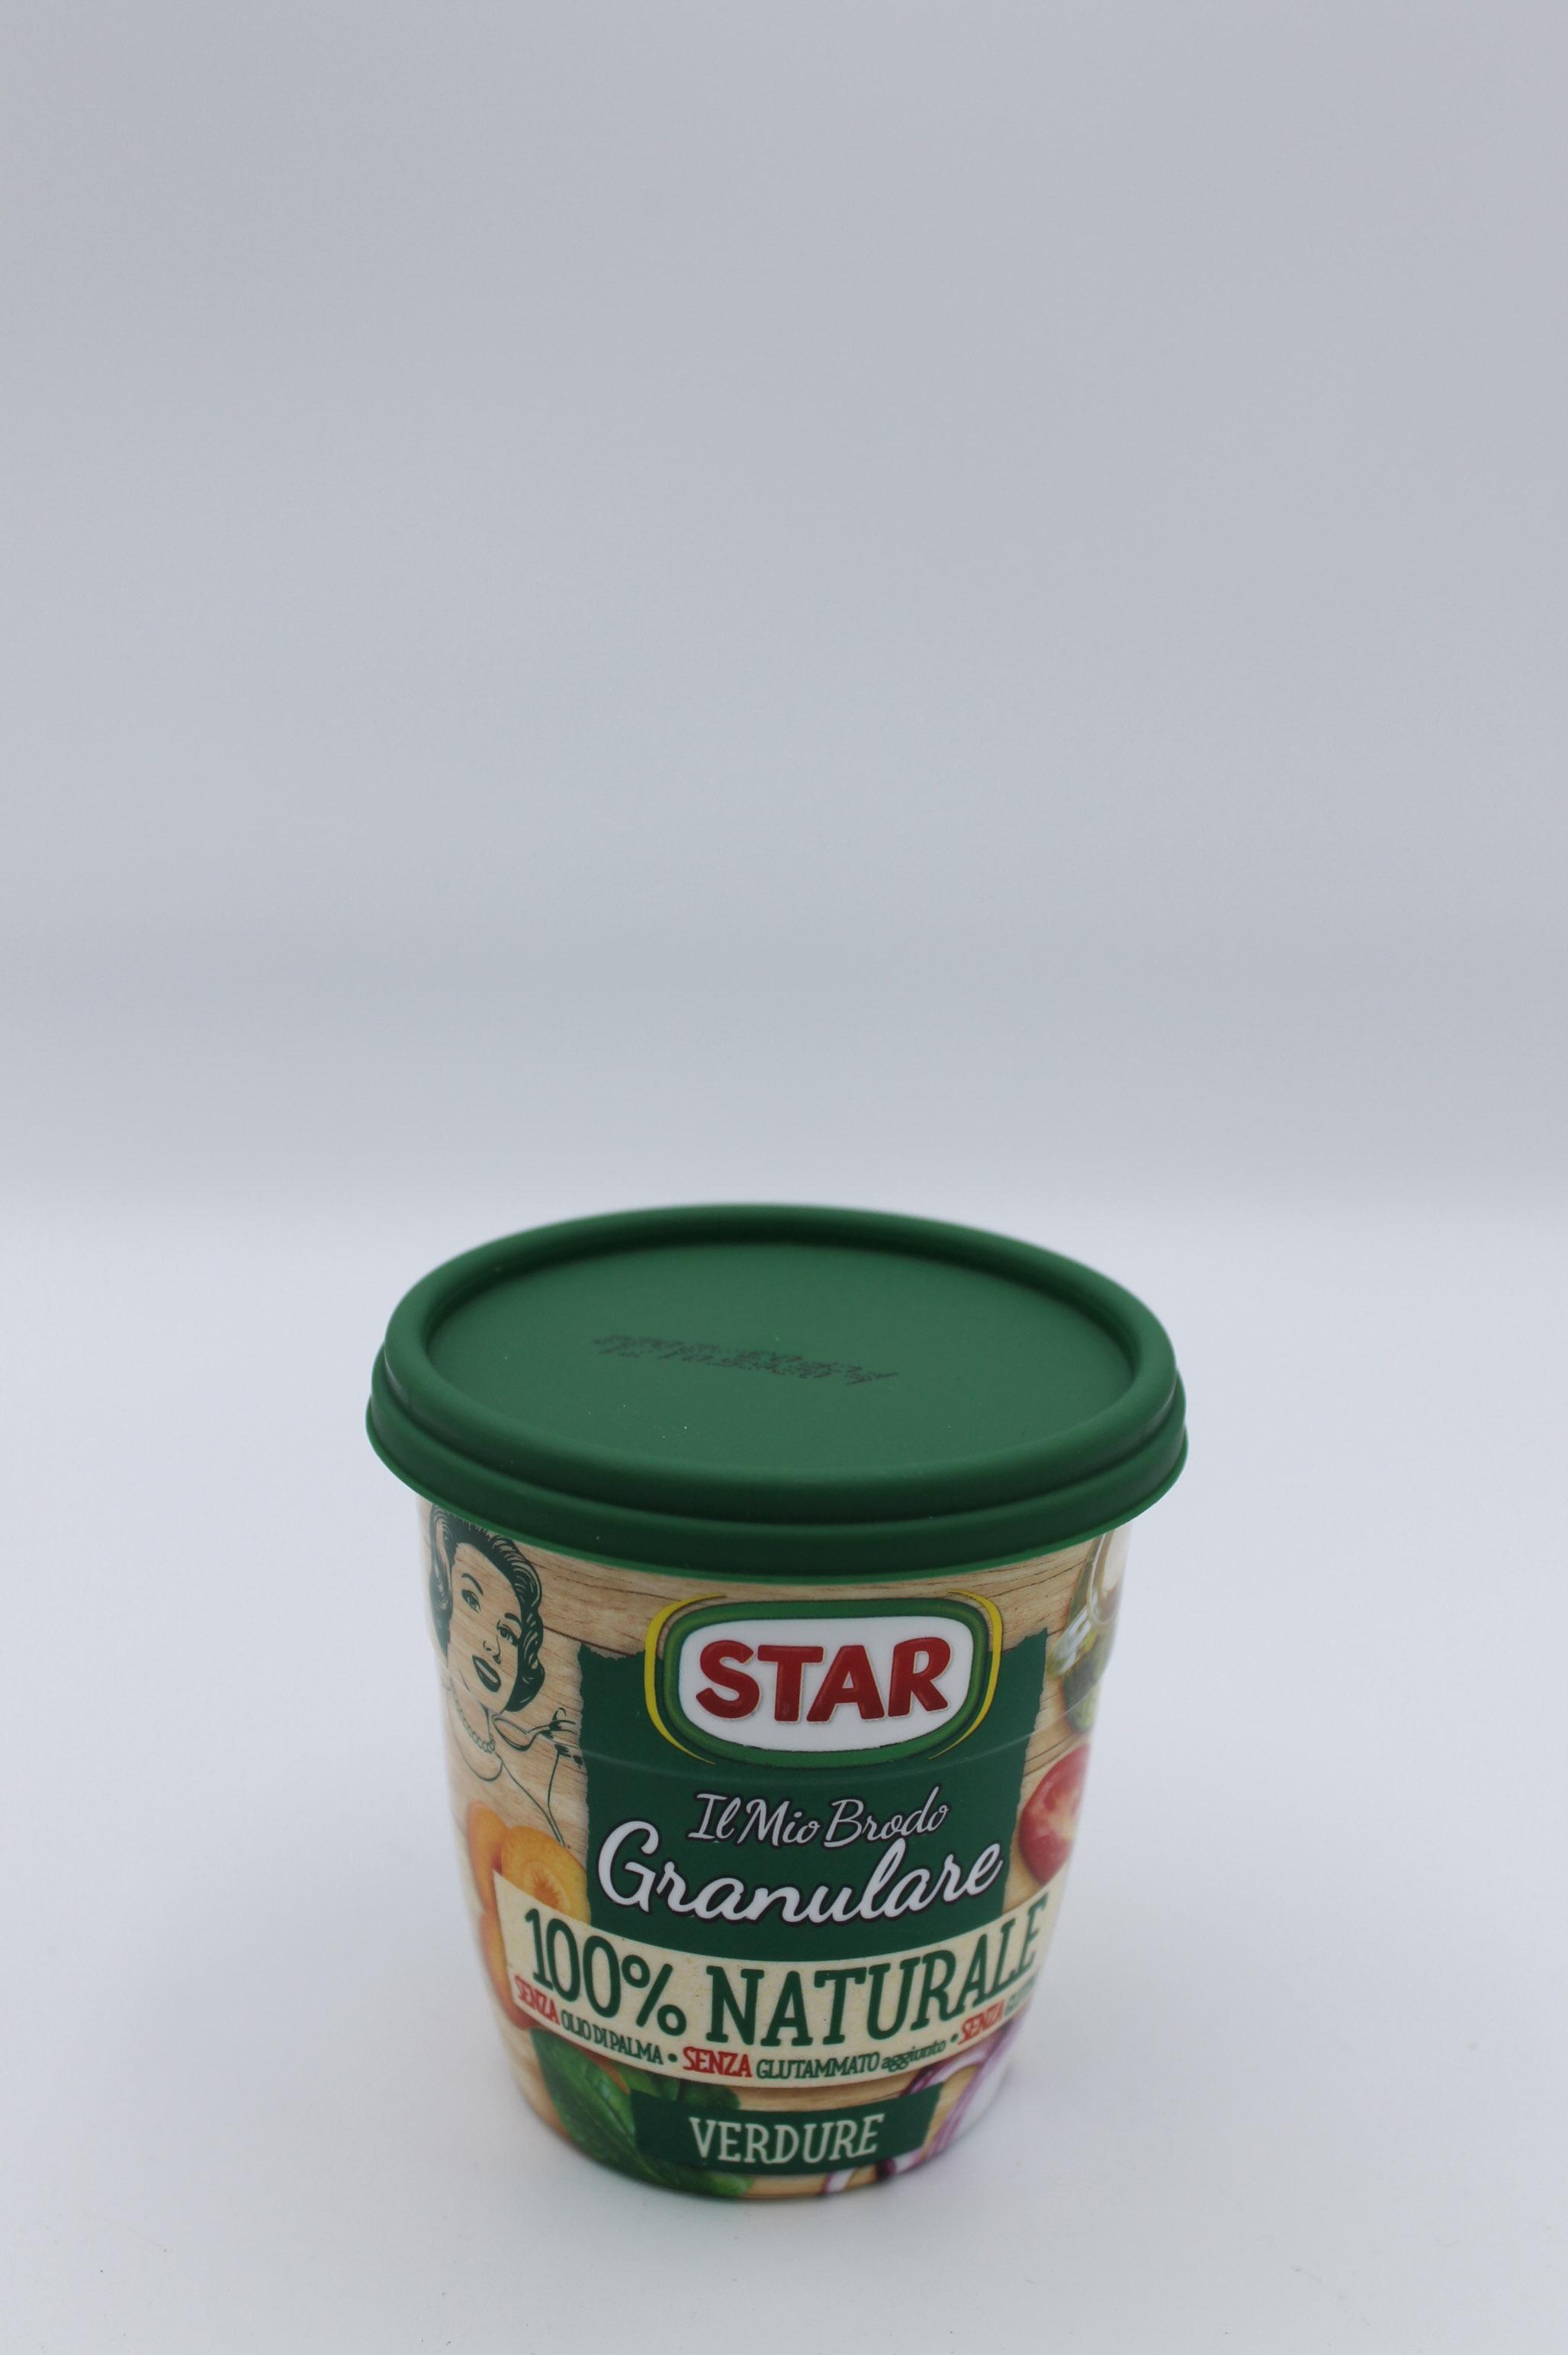 Star brodo granulare verdure 150 gr.